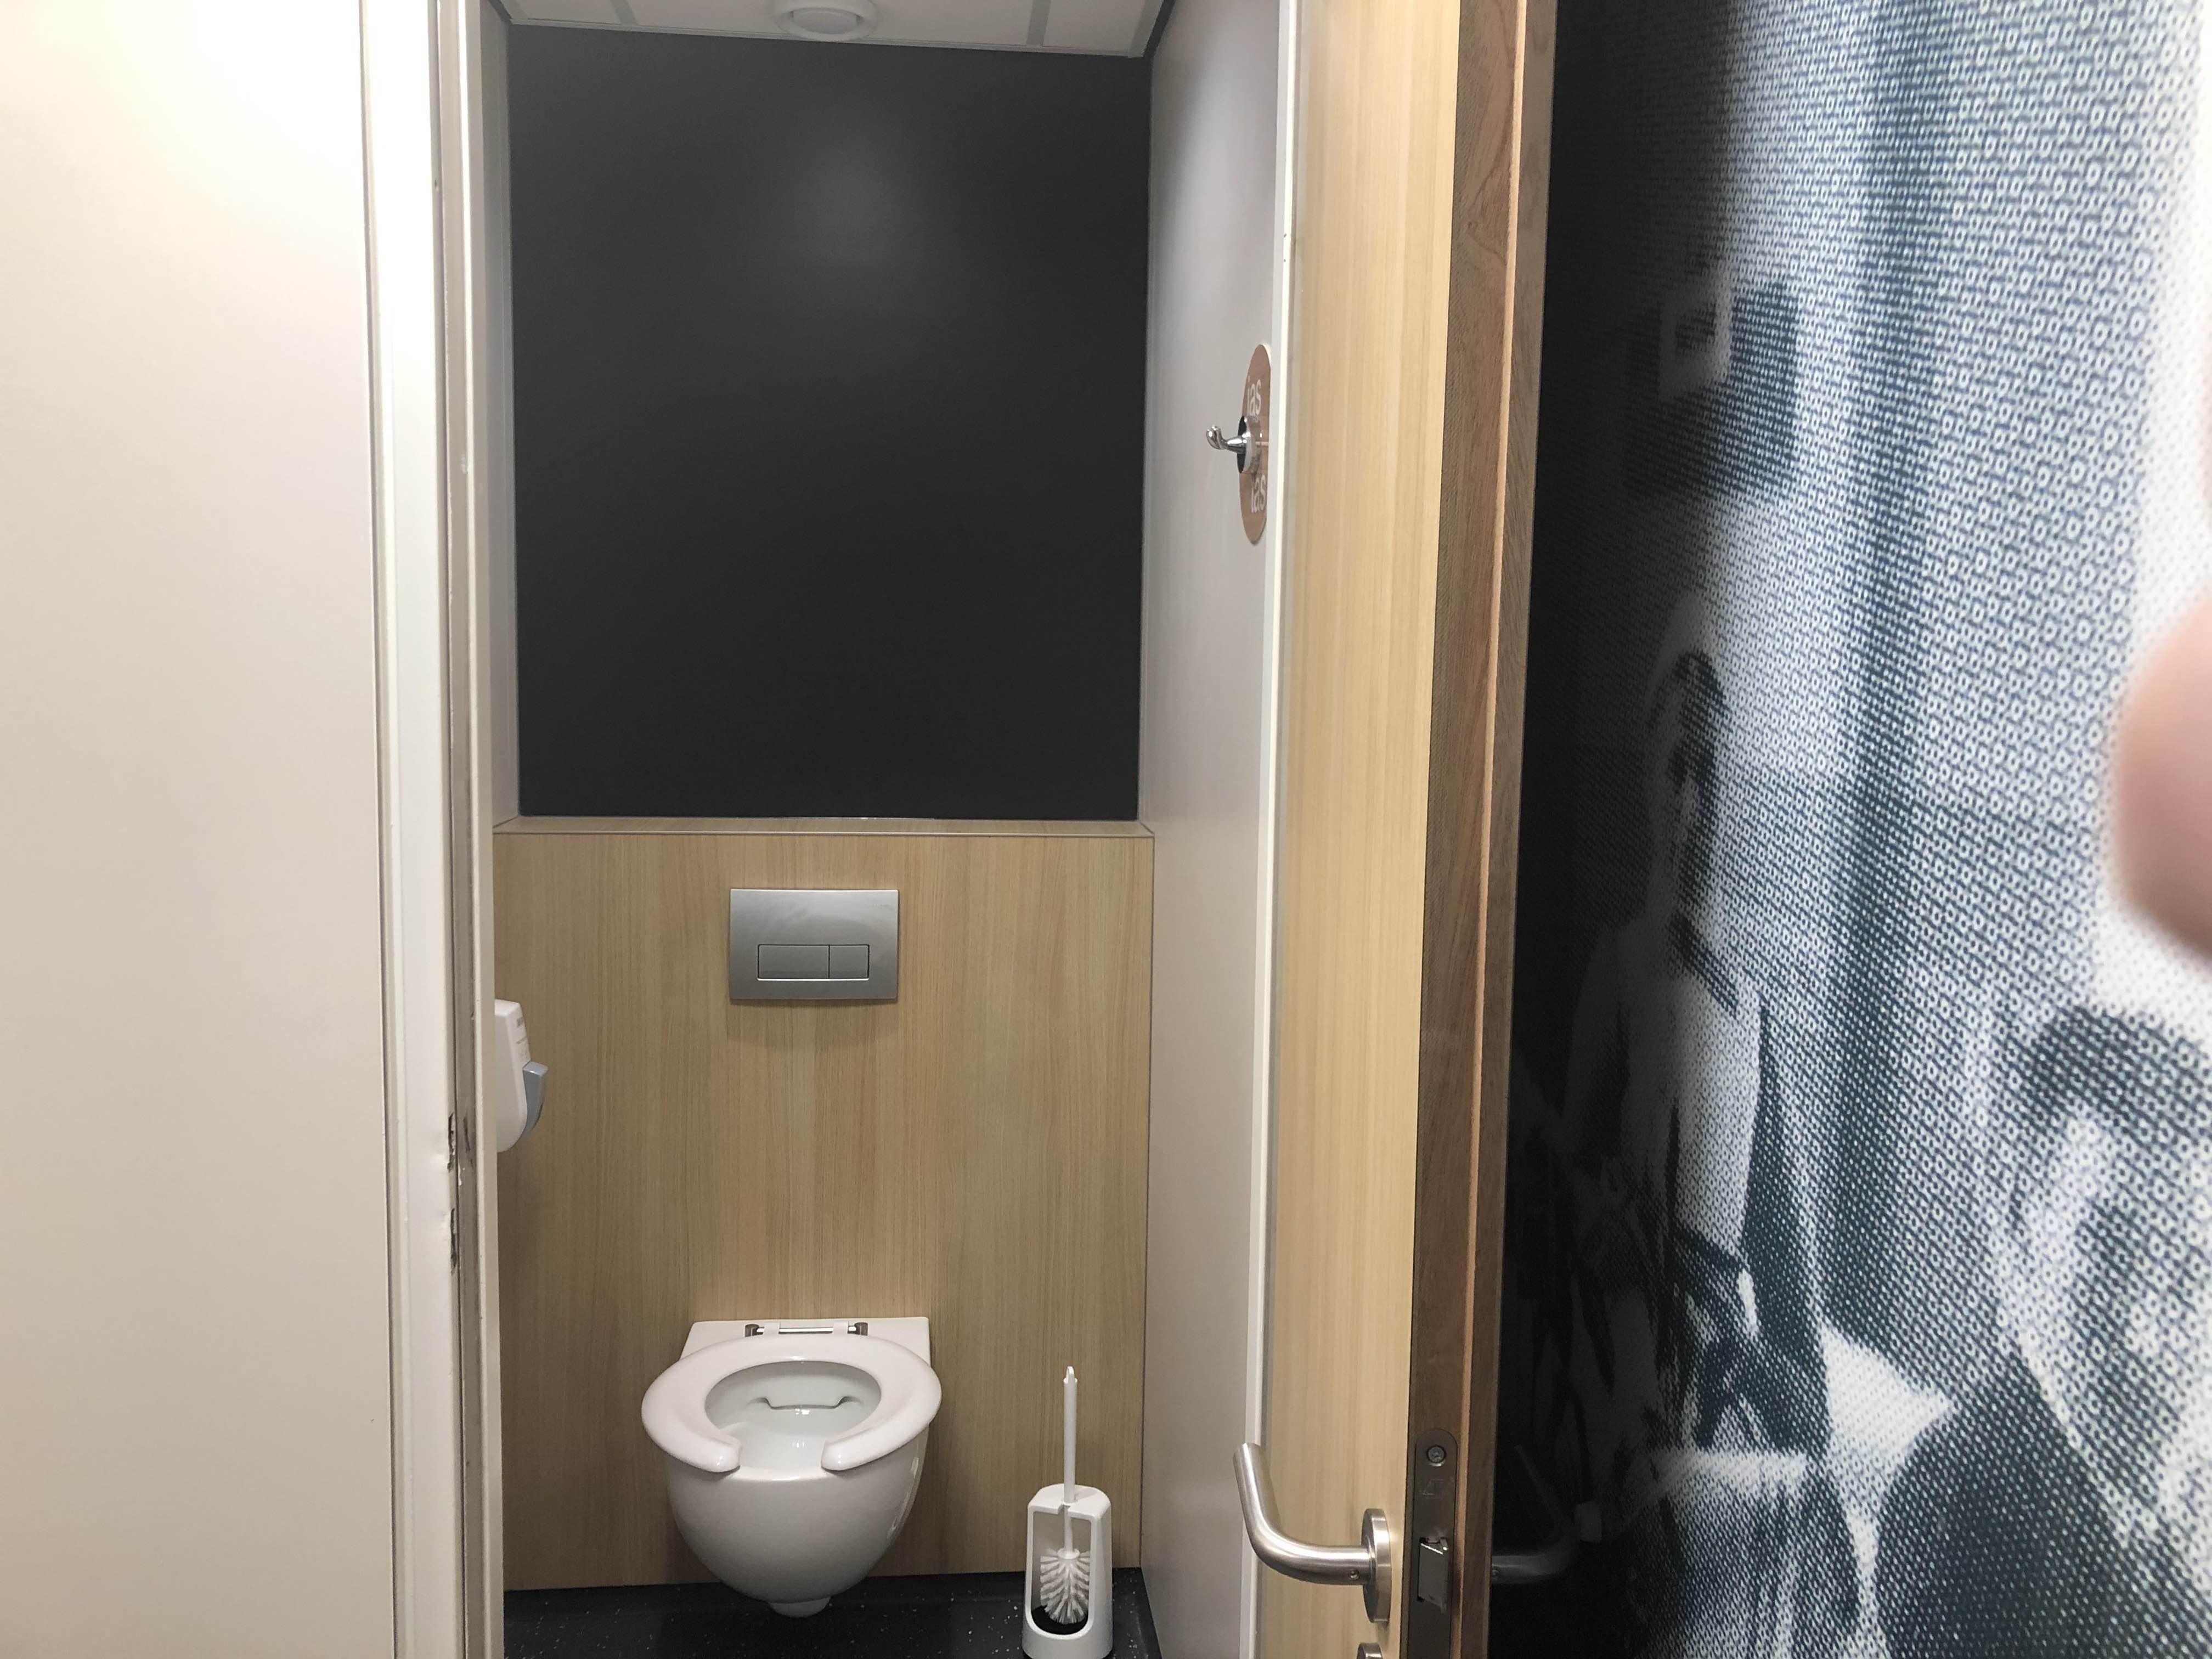 Toletto St. Antoniusziekenhuis toiletten 2